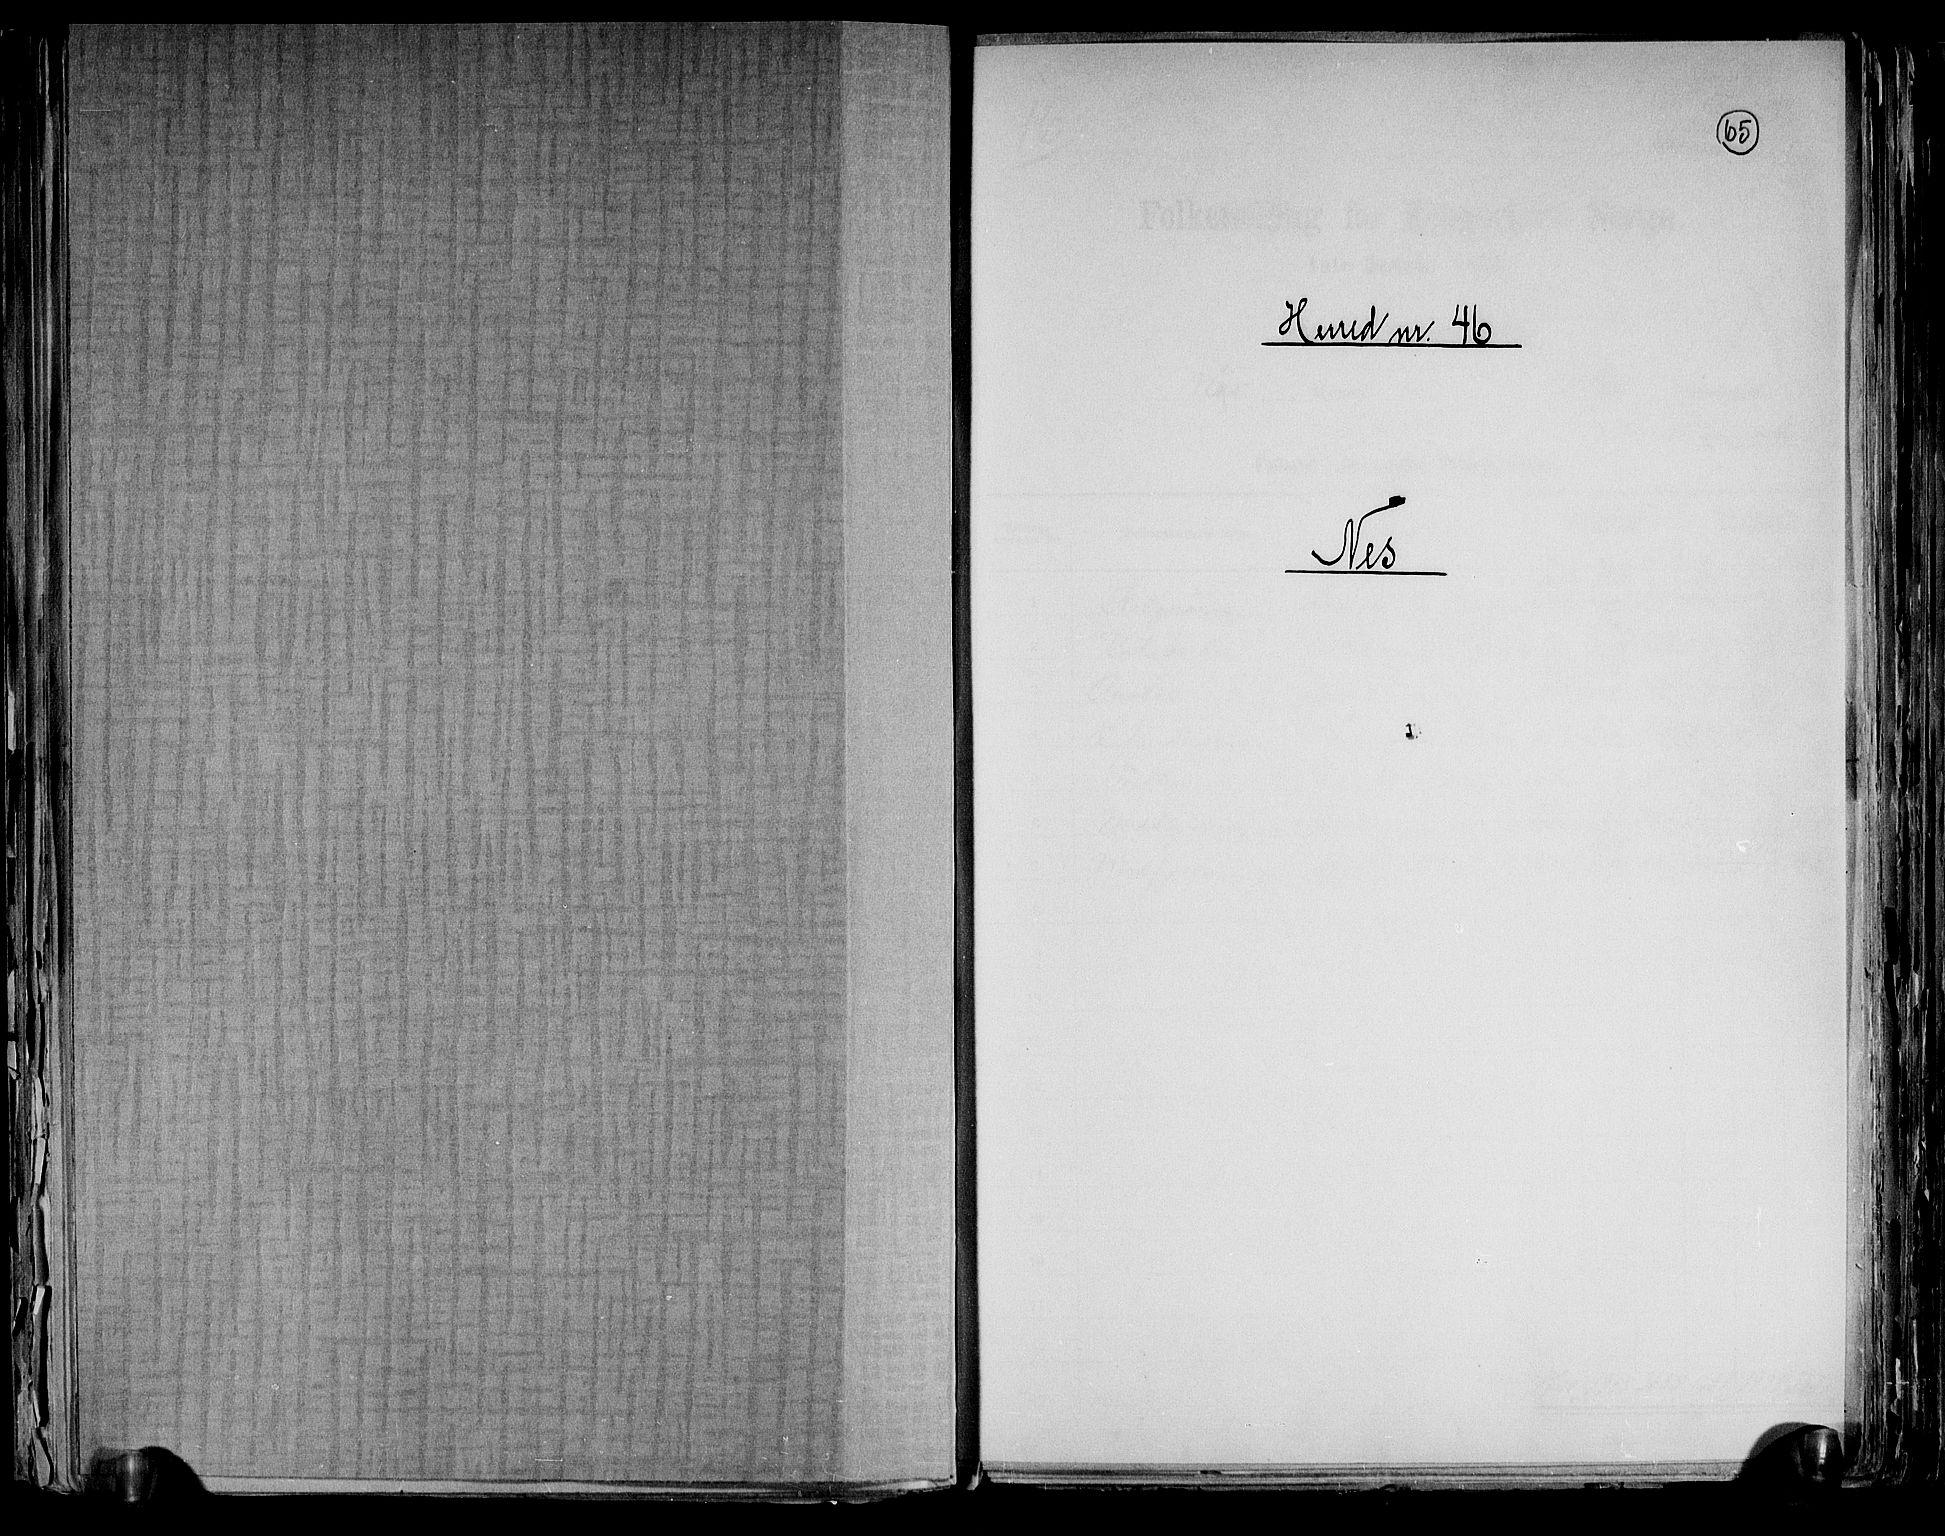 RA, Folketelling 1891 for 0411 Nes herred, 1891, s. 1